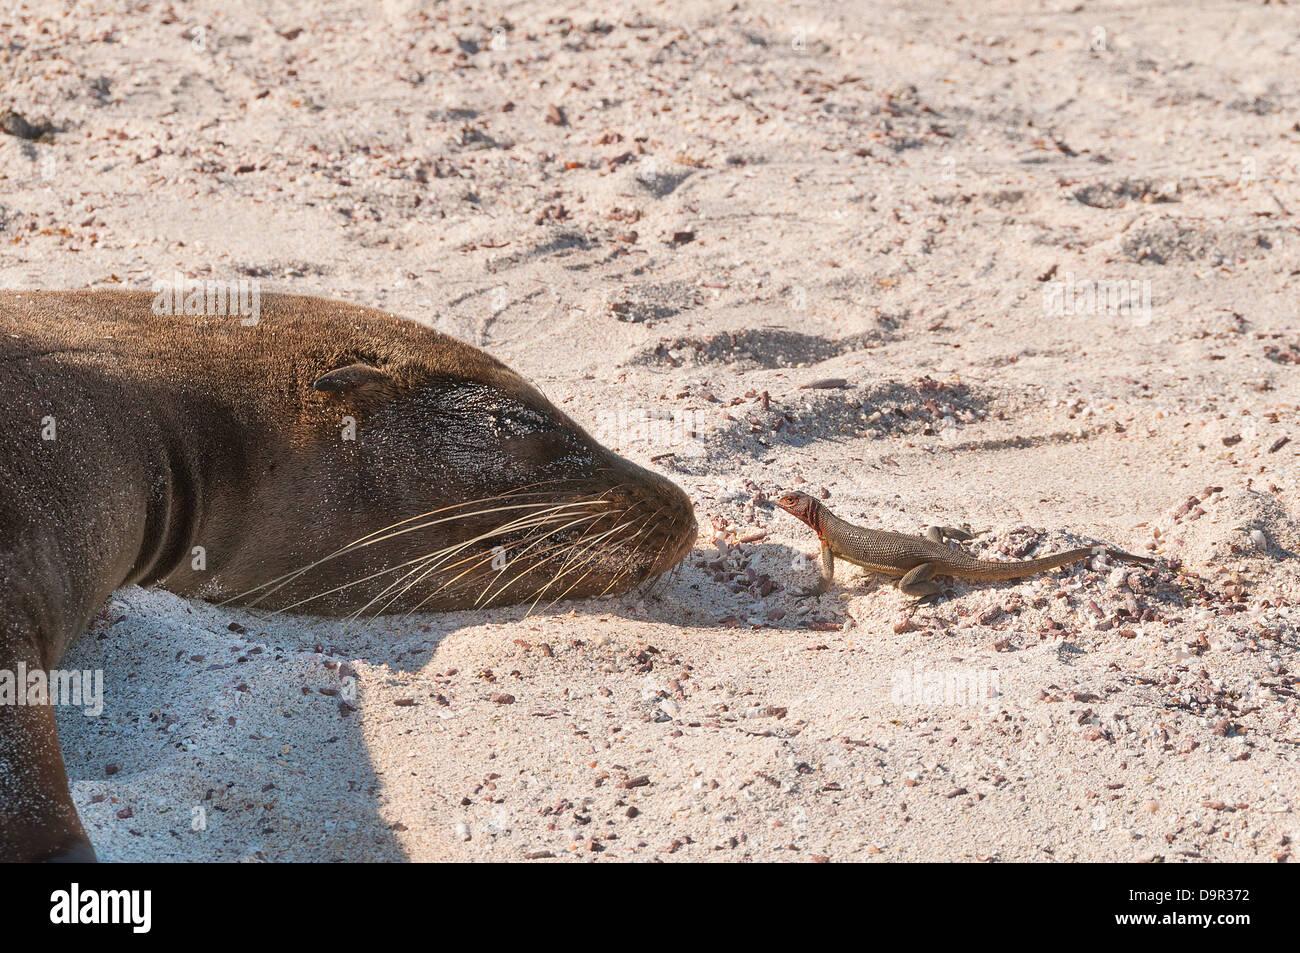 Galapagos Seelöwe Nase An Nase Mit Einem Lava Eidechse Die Eidechse